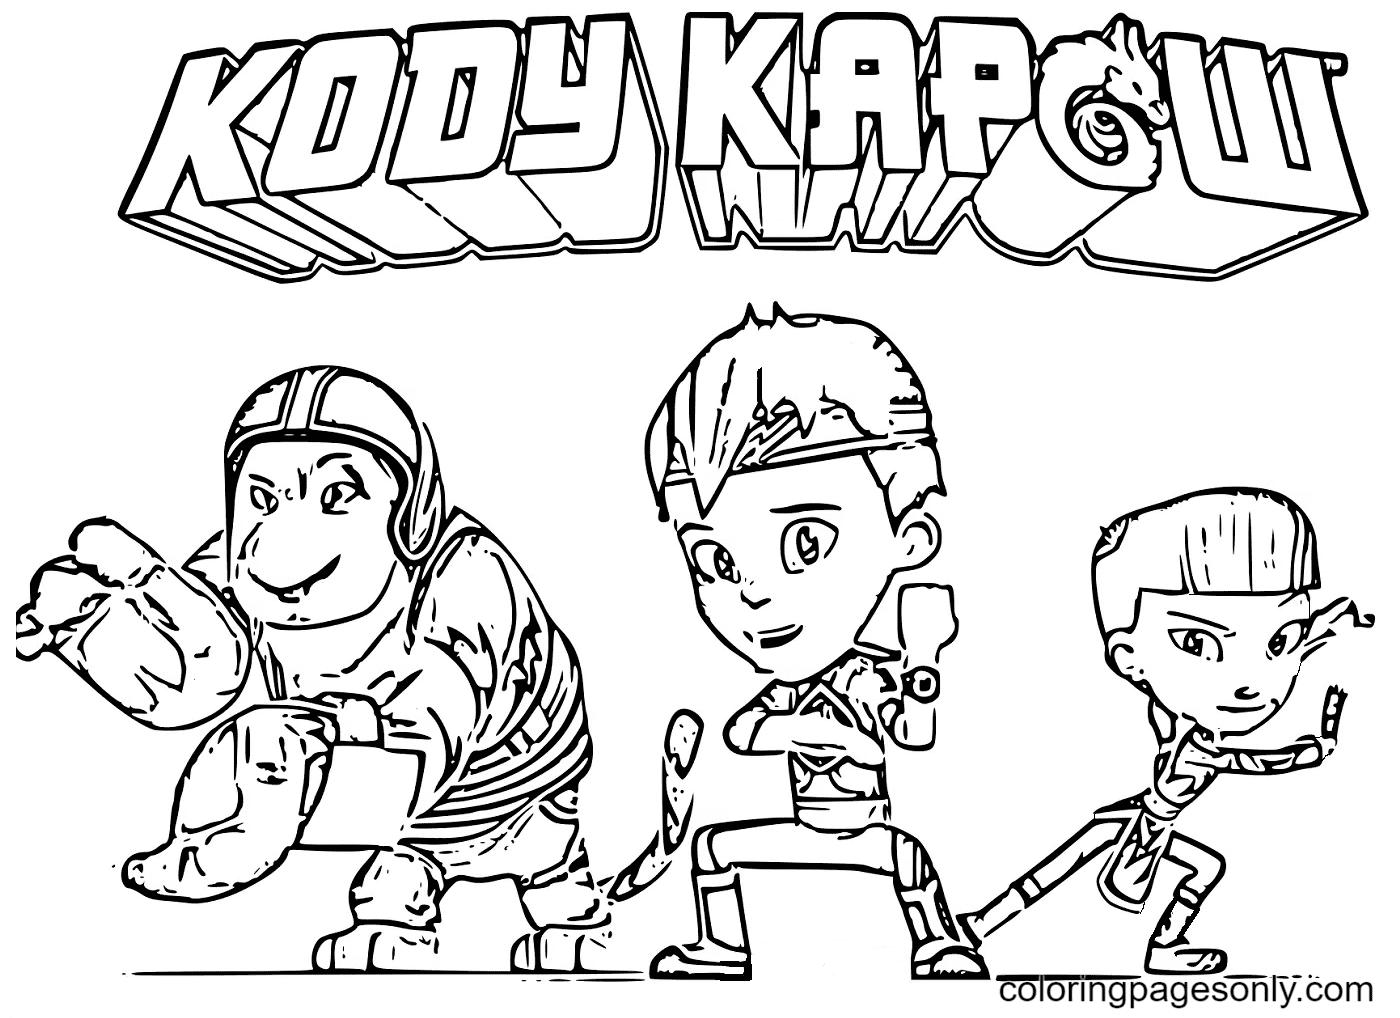 Cartoon Kody Kapow Coloring Page